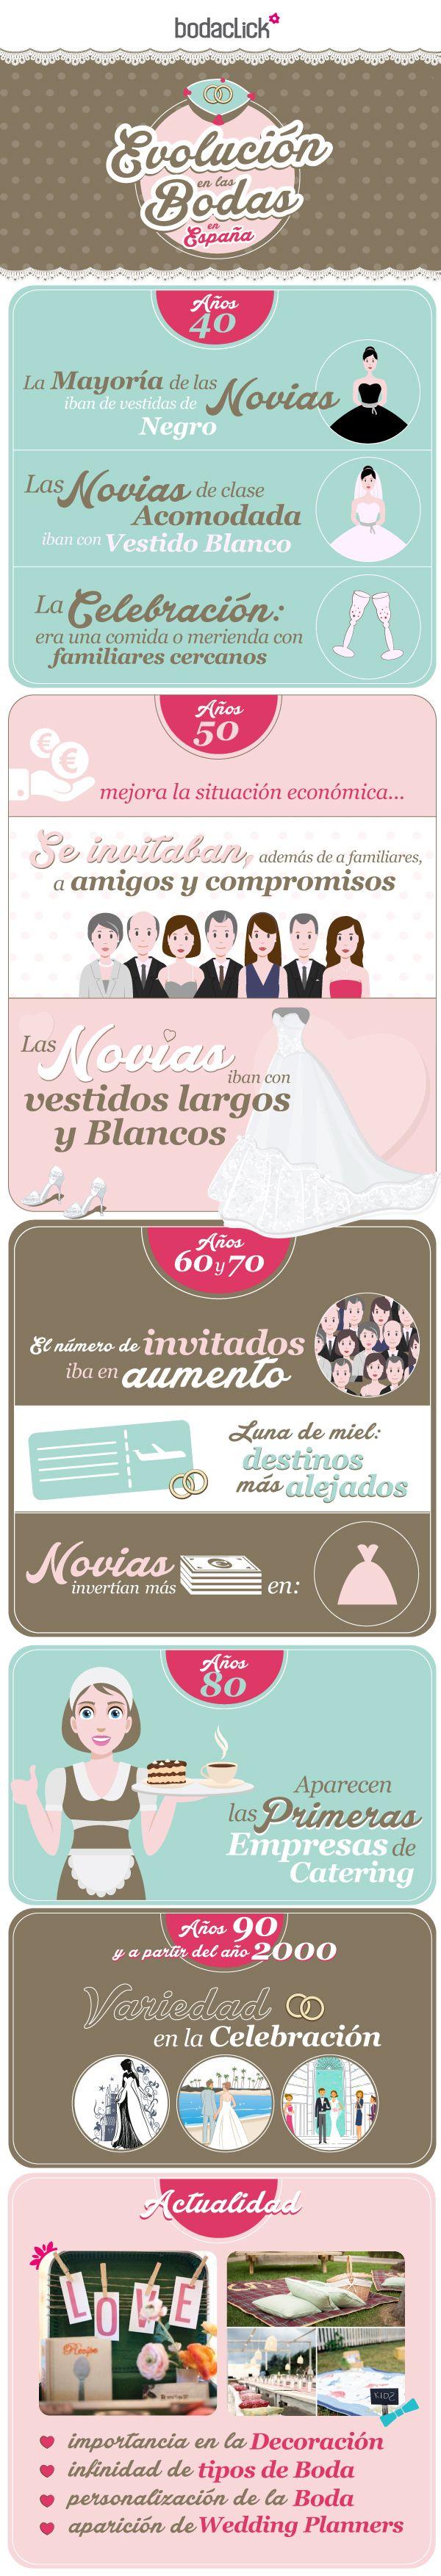 La evolución de las bodas en España #boda #evolución #infografía